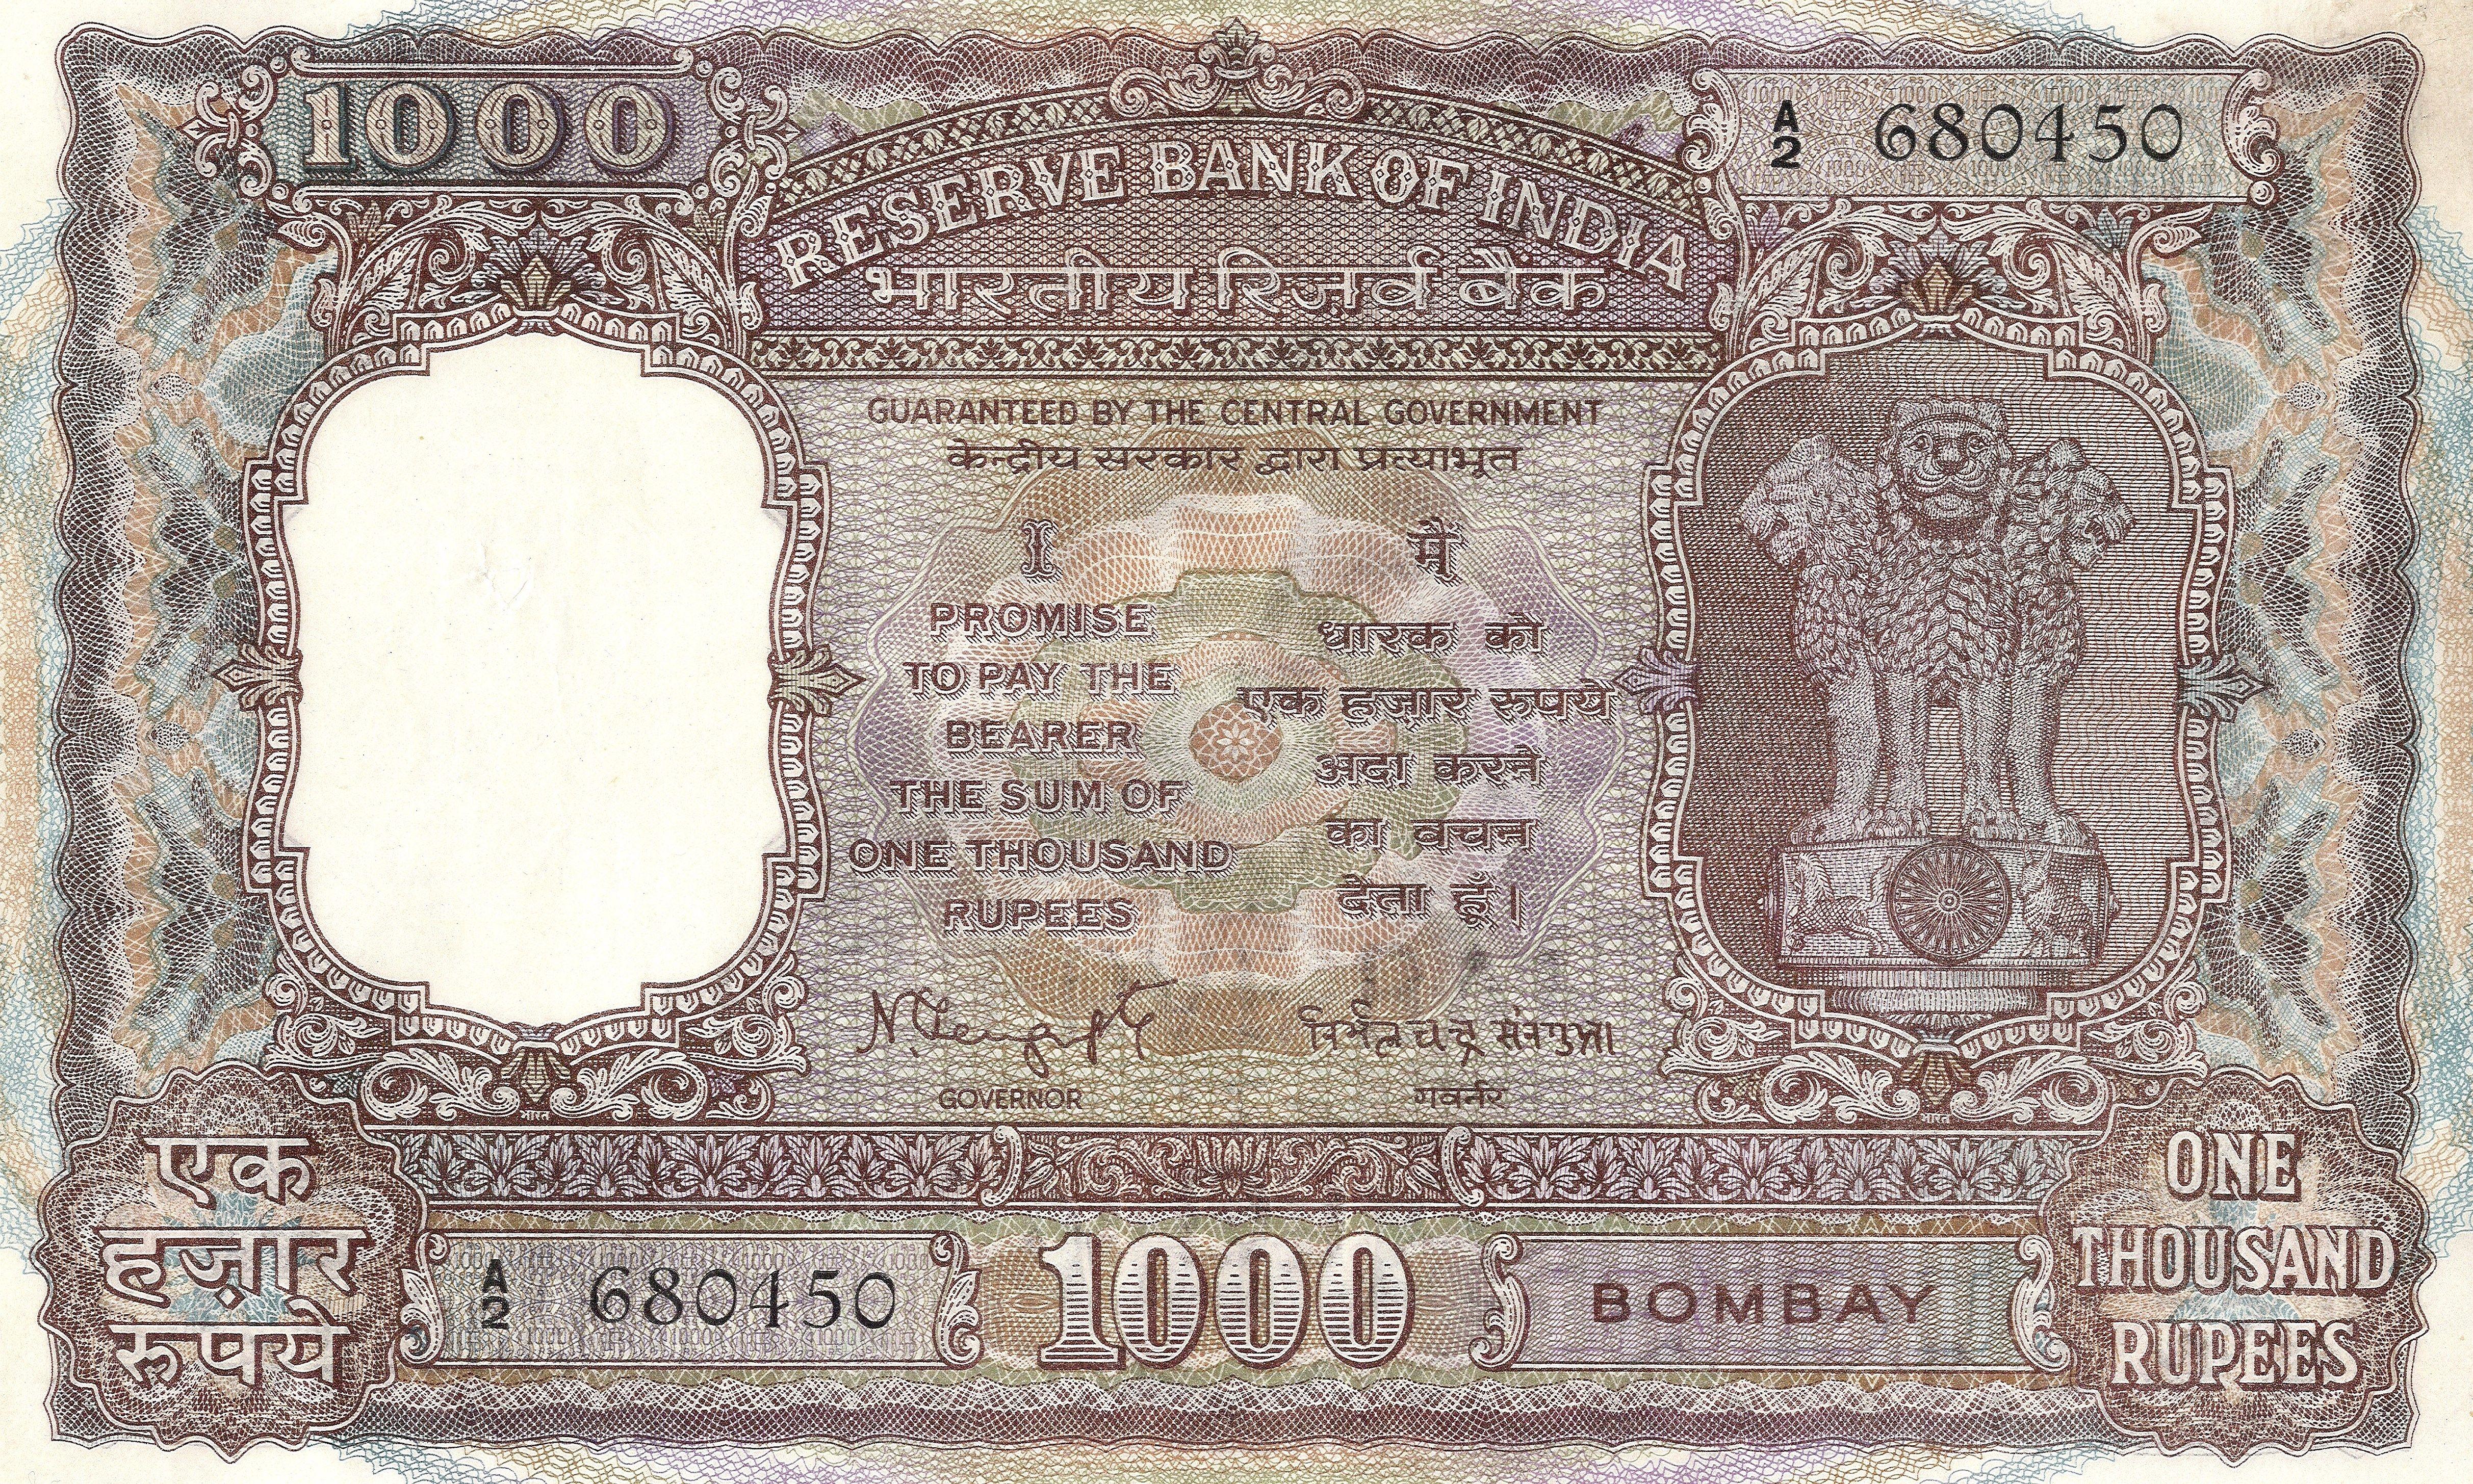 4850x2911 Free Desktop Pictures Indian Rupee Scream Desktop